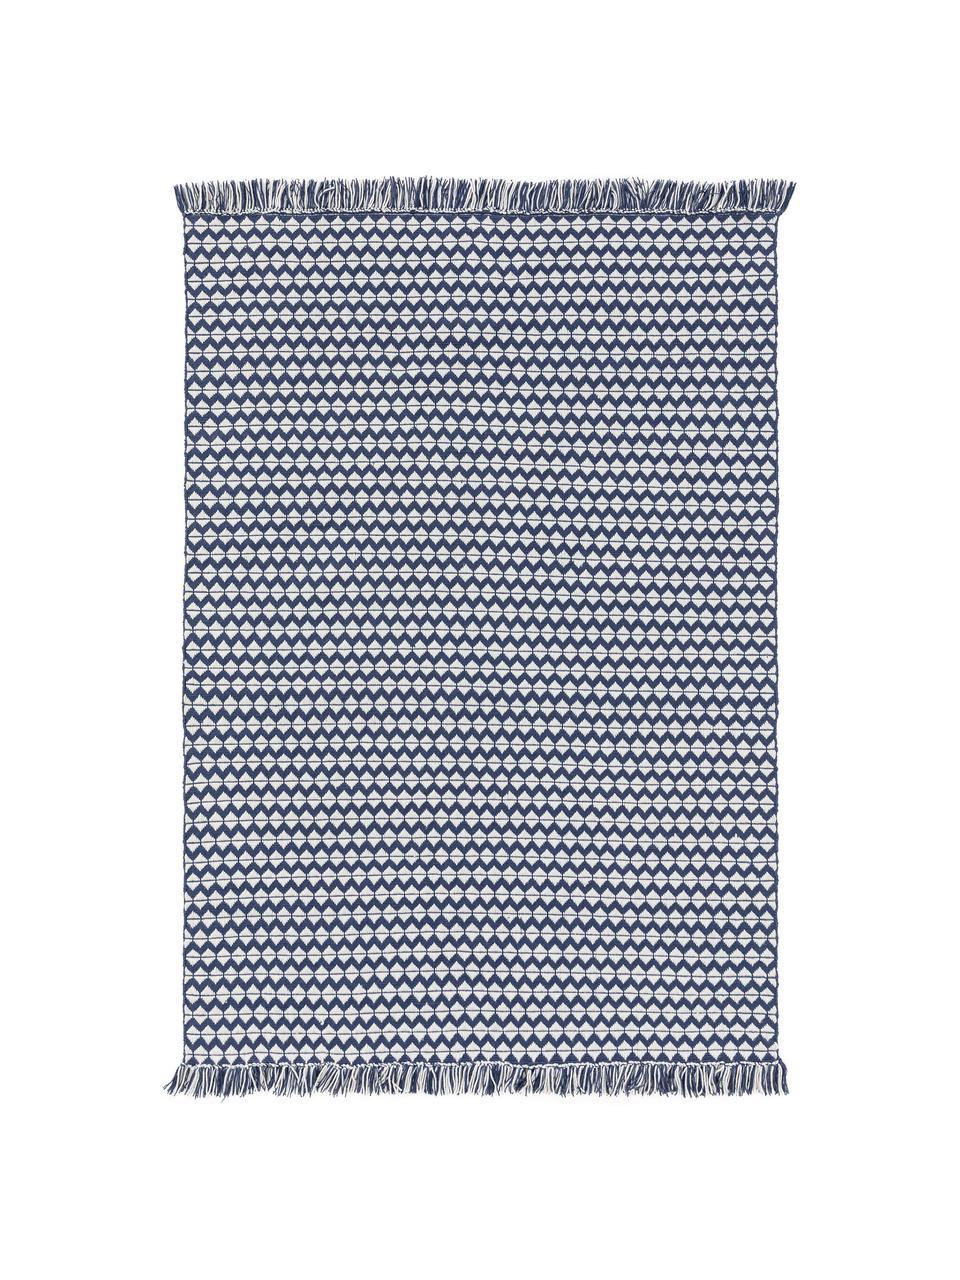 In- & Outdoor-Teppich Morty mit Ethnomuster und Fransen, 100% Polyester (recyceltes PET), Dunkelblau, gebrochenes Weiß, B 160 x L 230 cm (Größe M)